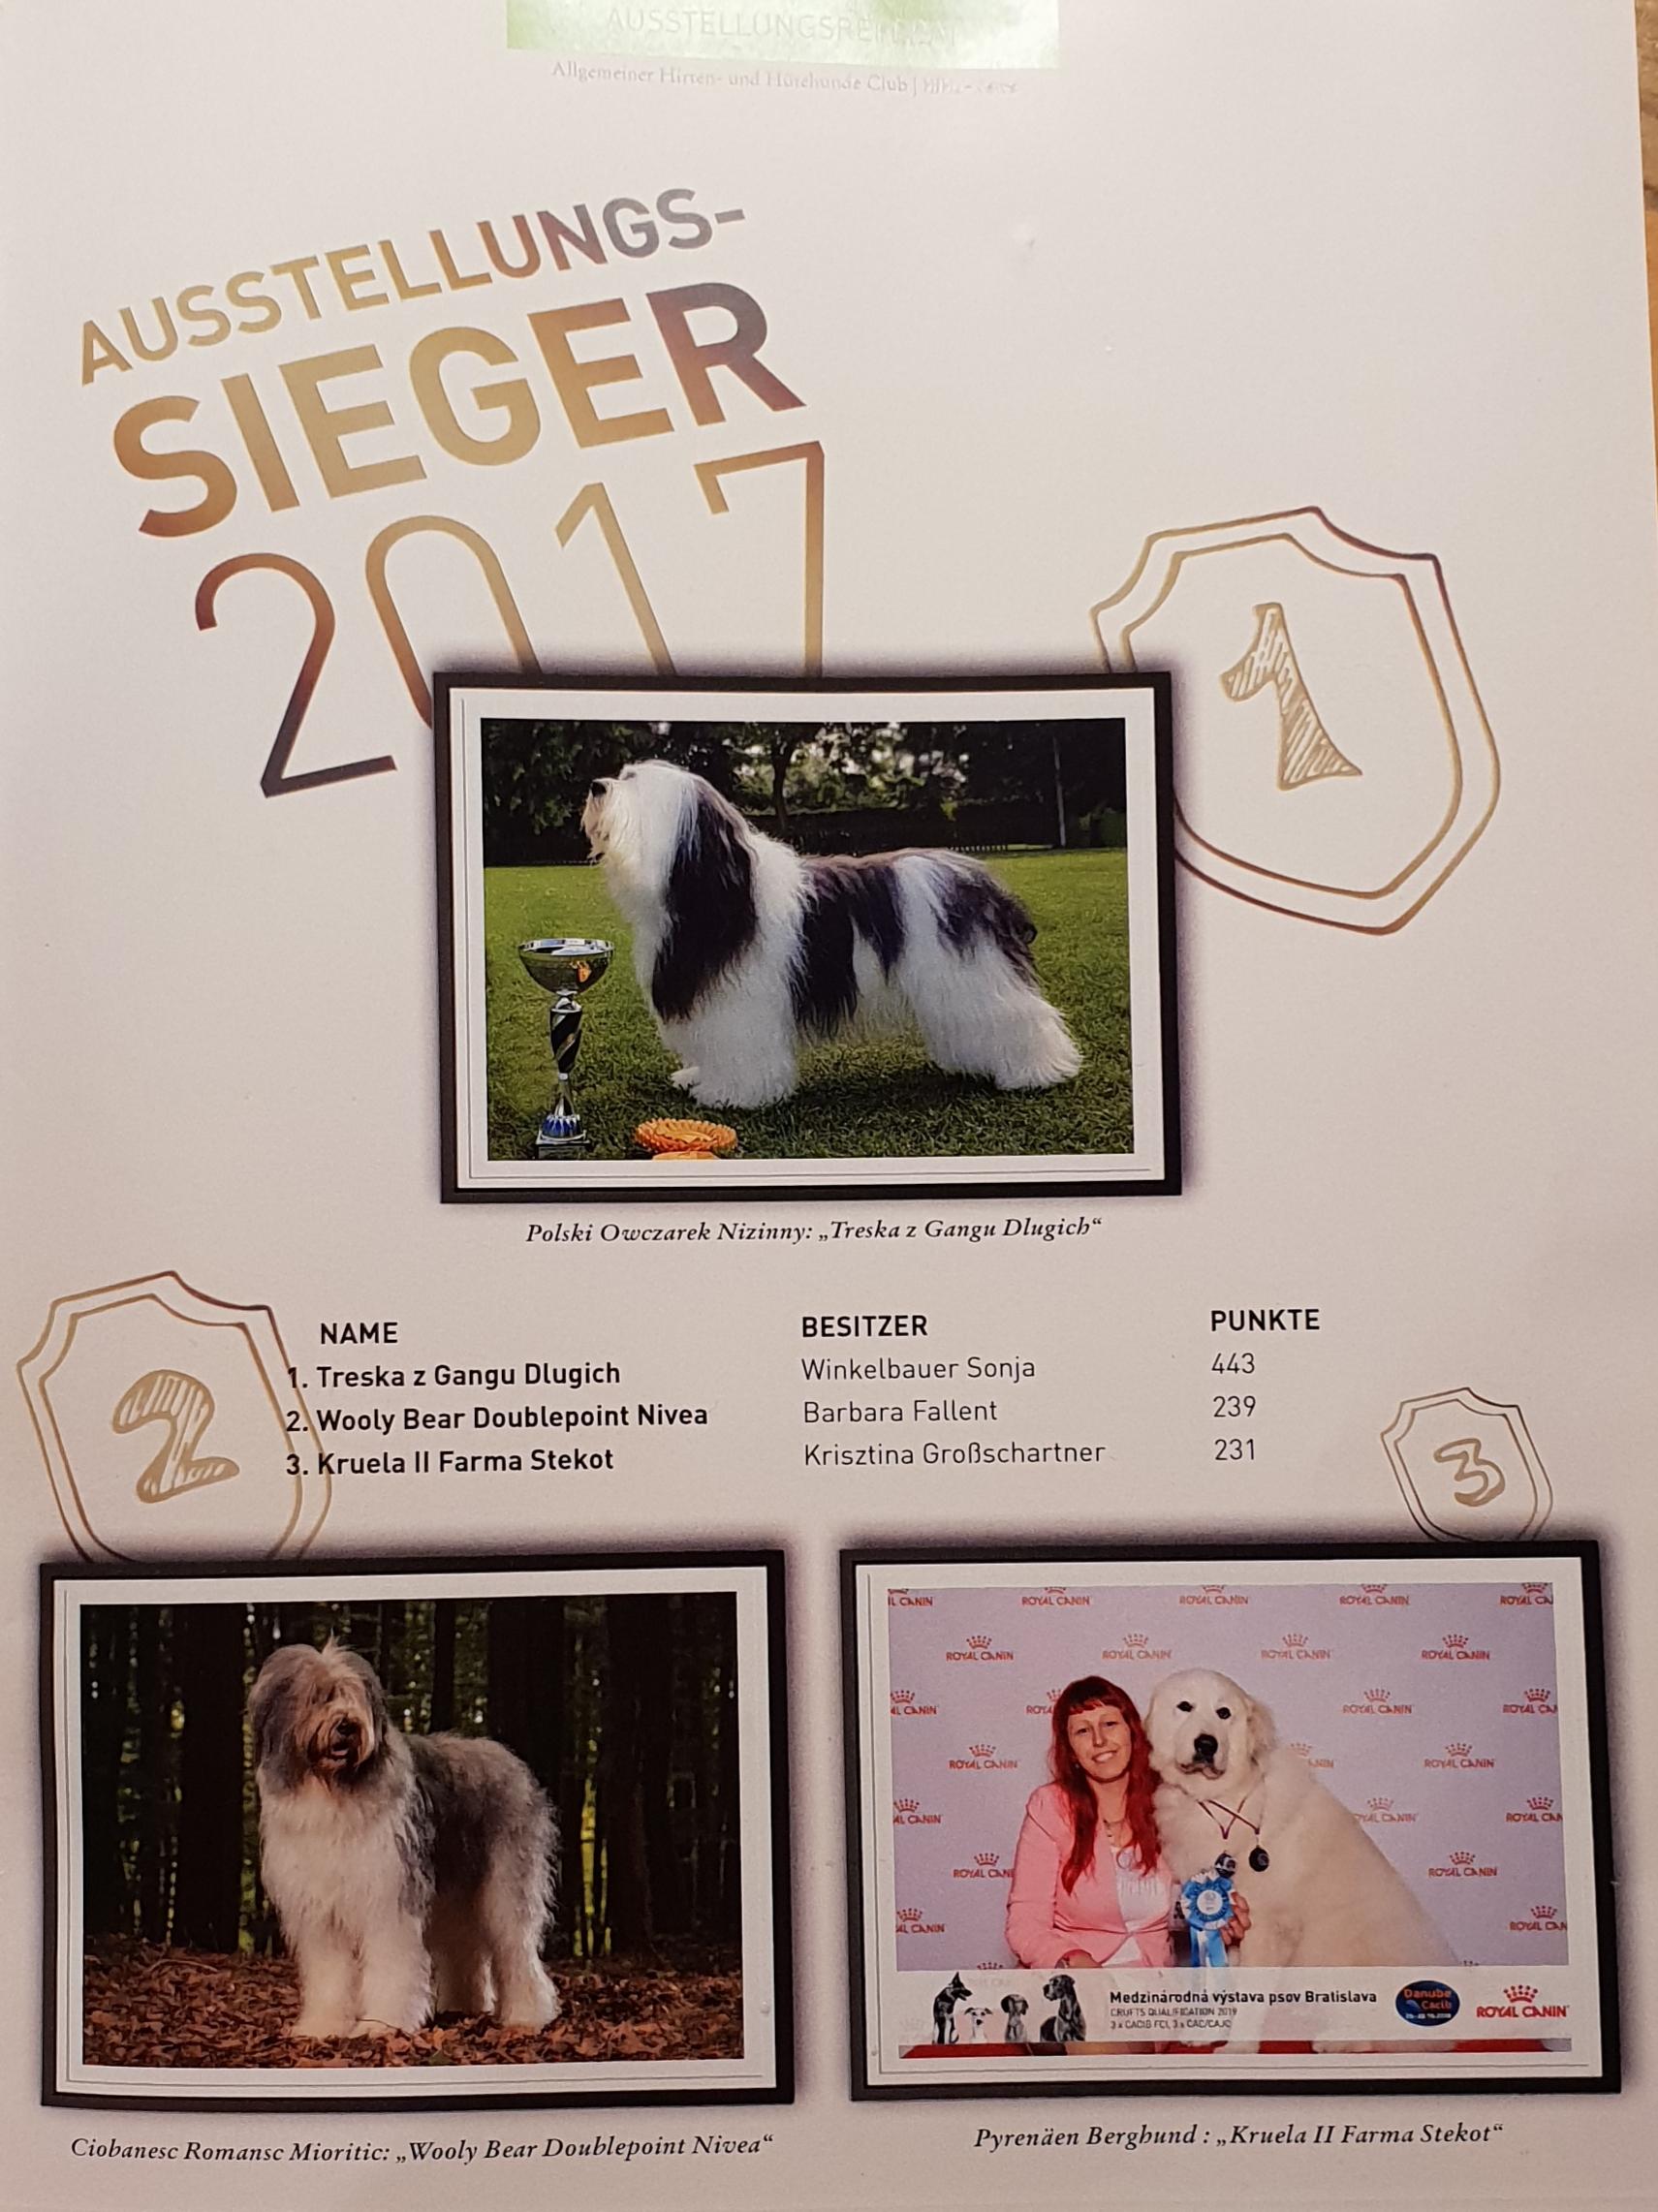 Fluffy Giant Ausgabe 1/2018 HIHU Zeitung  Die österreichische Pyrenäen Berghund Zuchtstätte